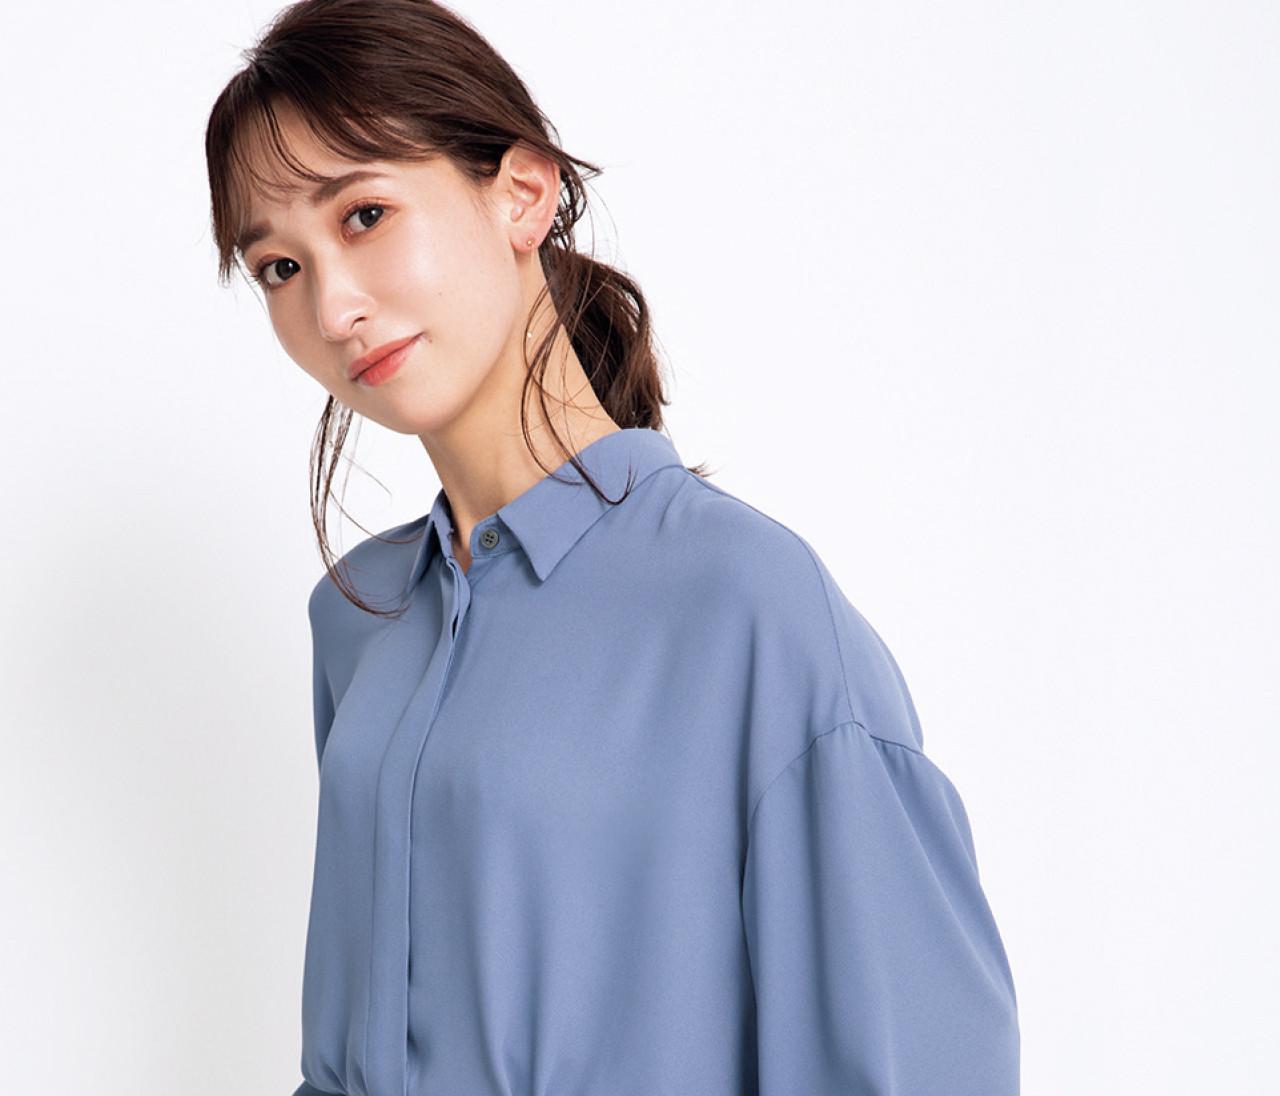 【骨格診断・ブラ編】ウェーブタイプに似合うのは?リブニット、Tシャツ、シャツで実験&おすすめカタログも!